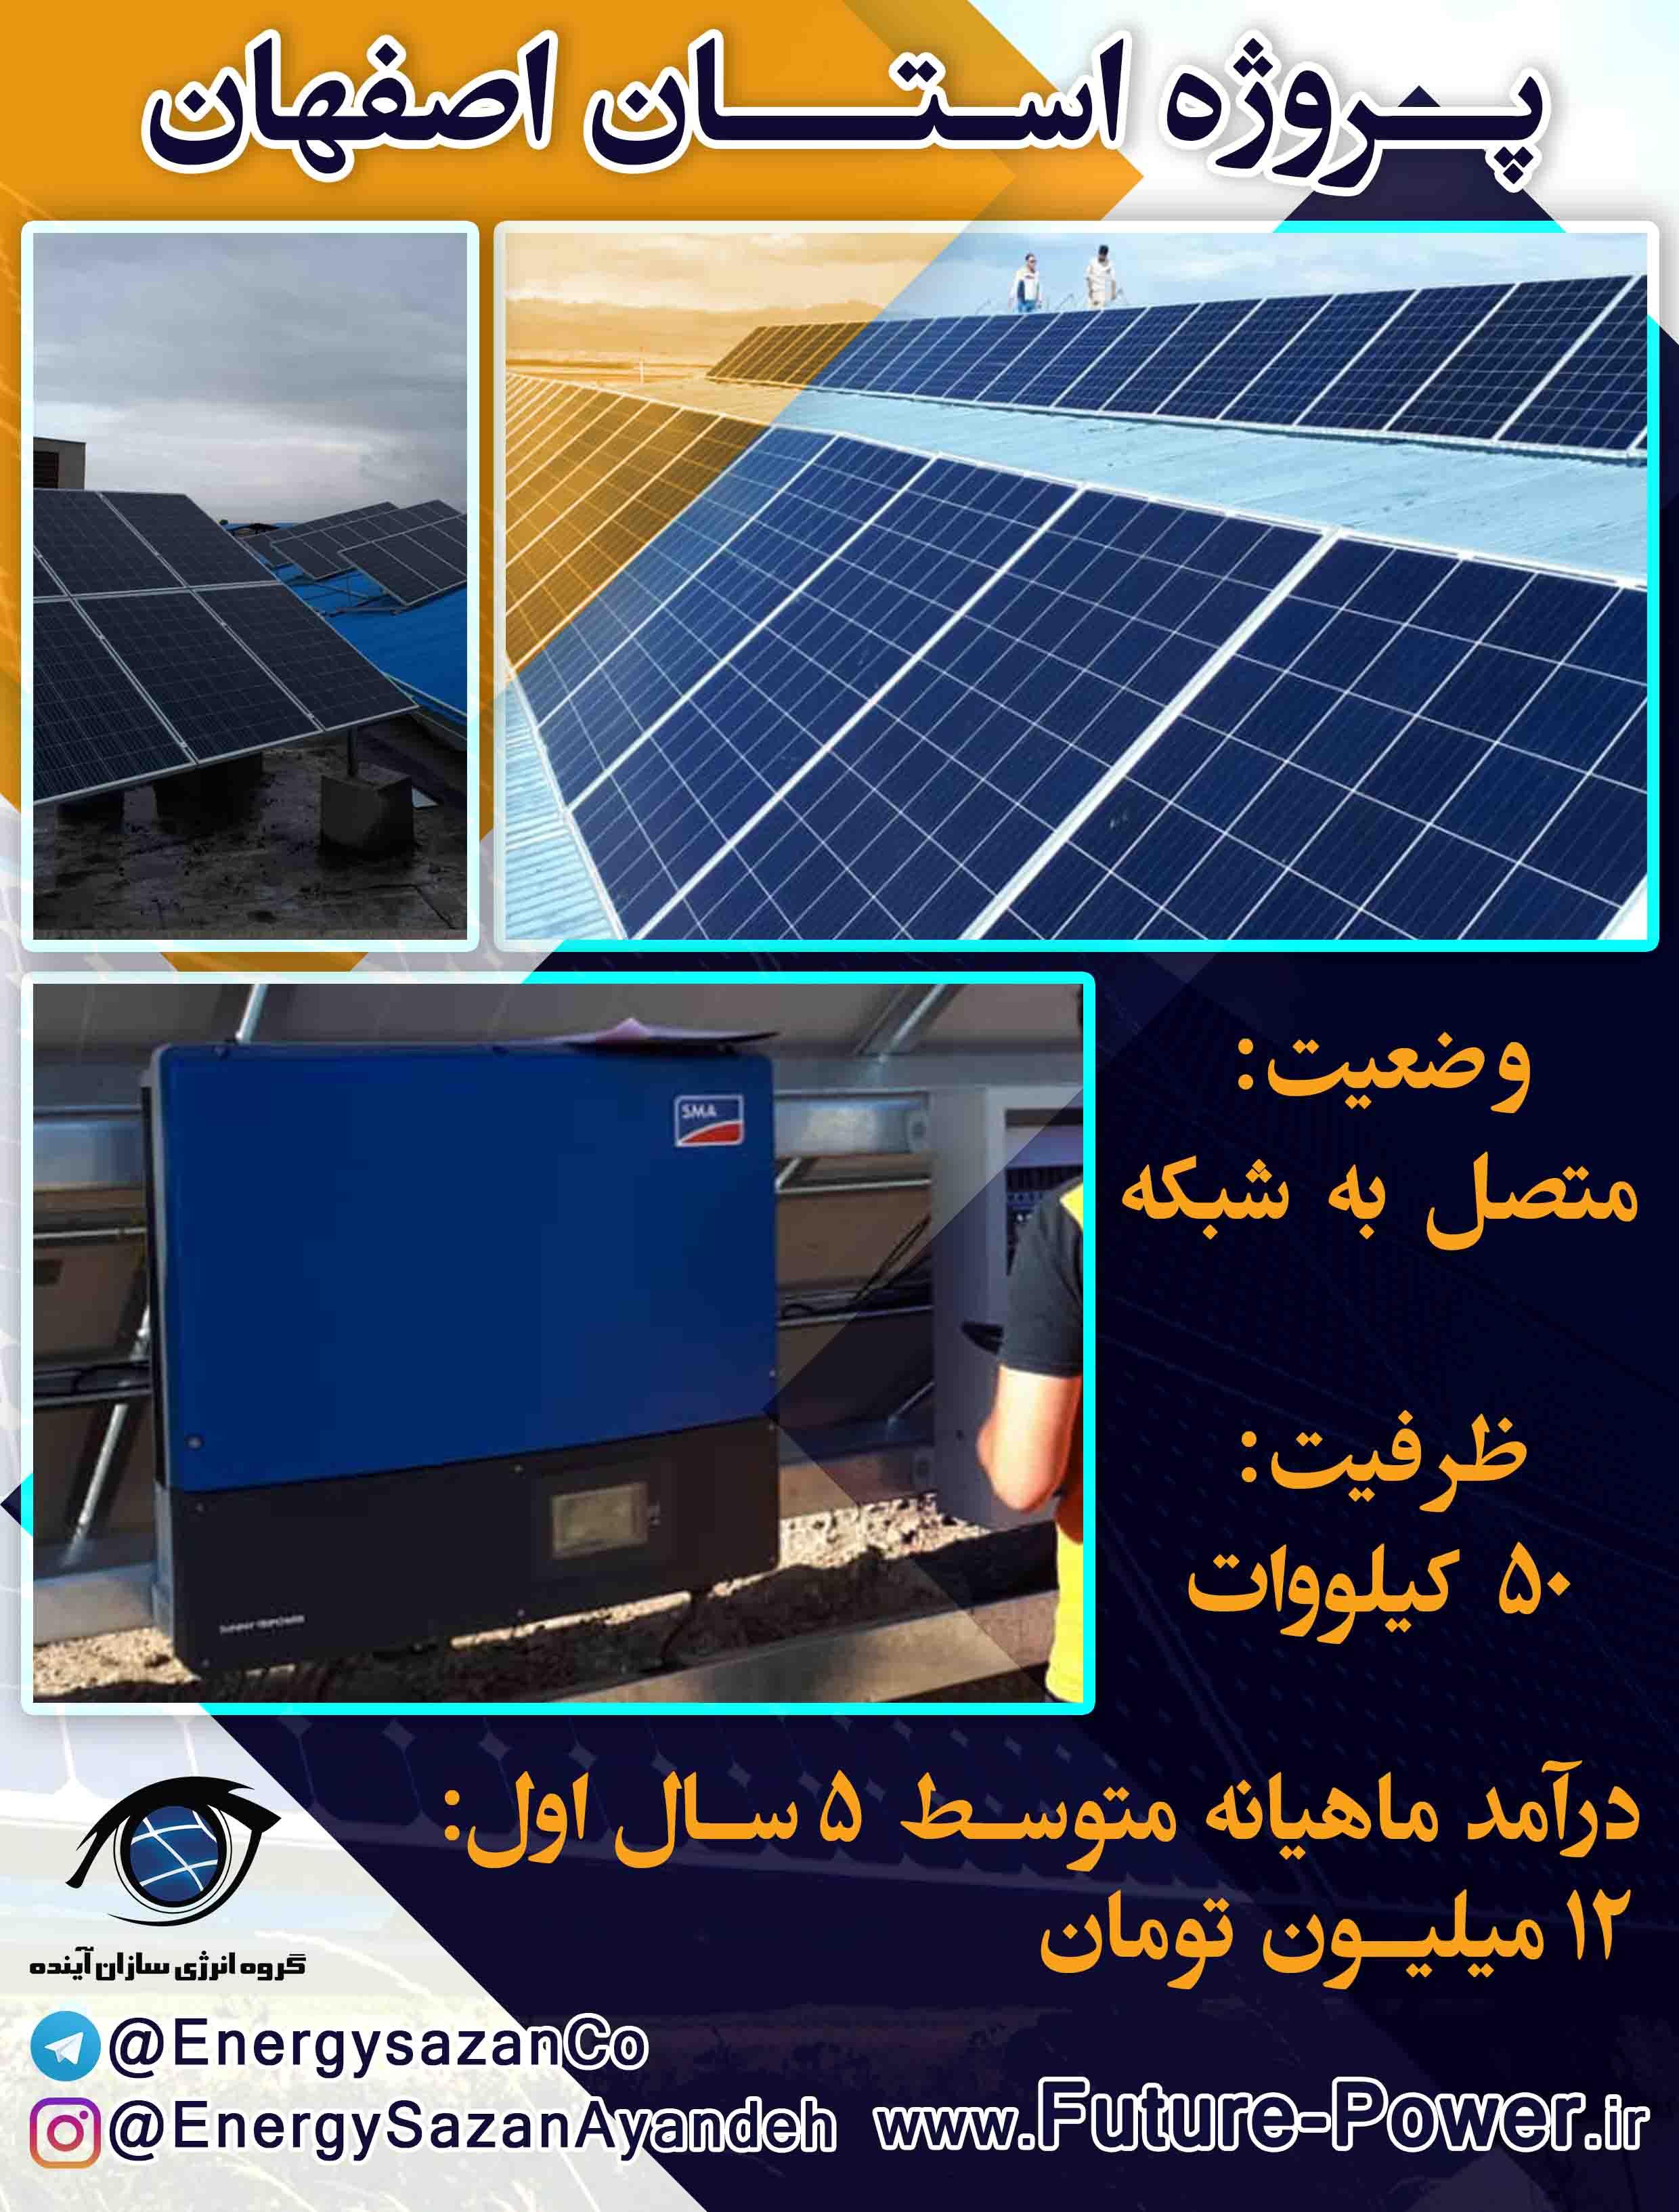 پروژه 50 کیلوواتی استان اصفهان